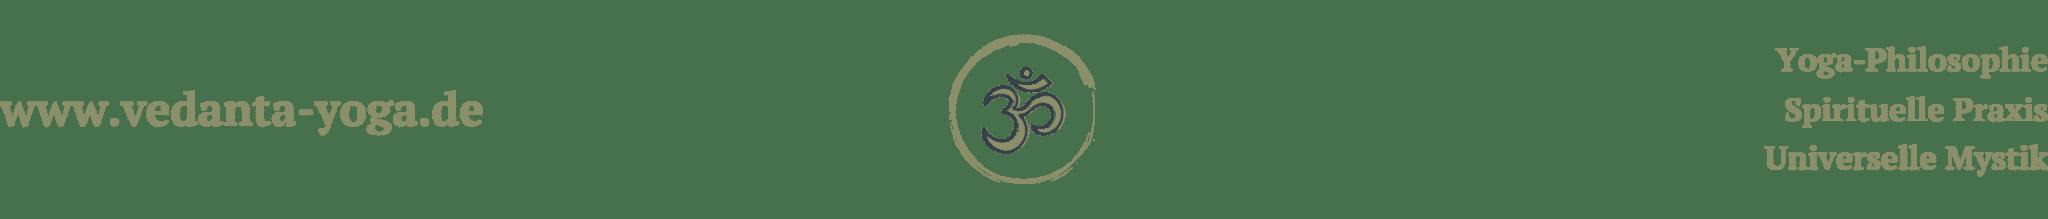 Vedanta Yoga